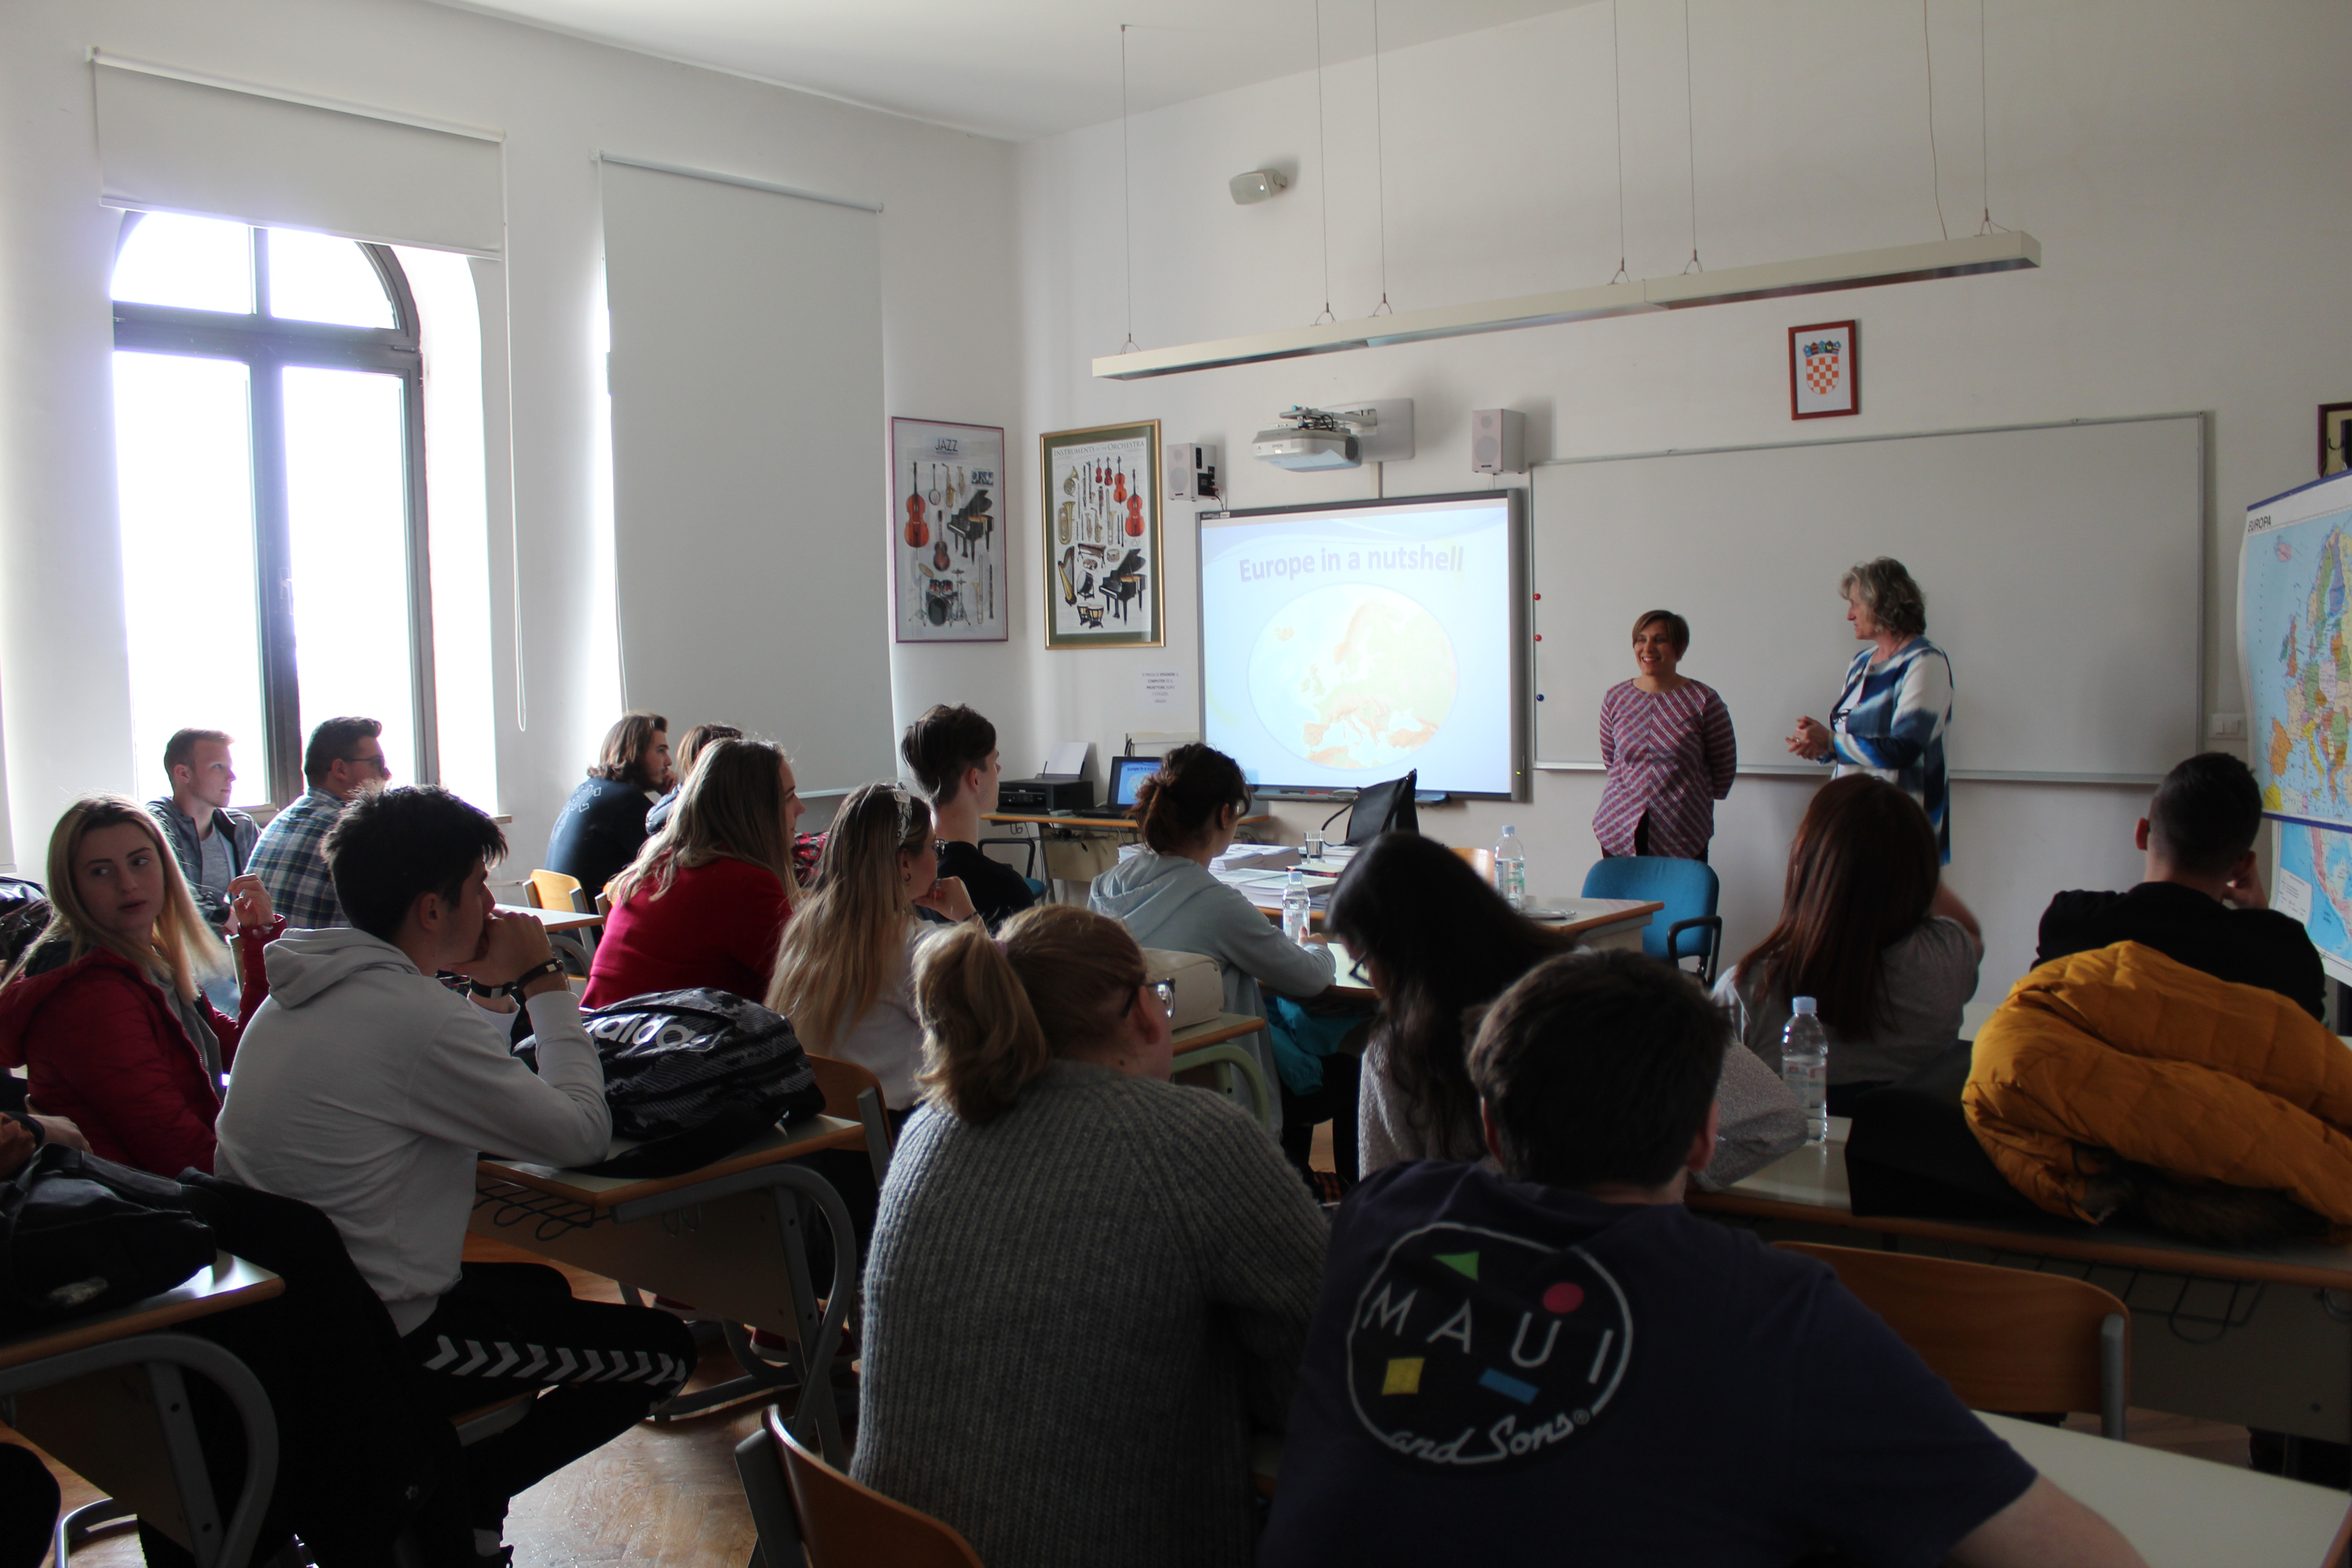 """L'iniziativa """"Ritorno a scuola """" (""""Back to School"""") presentata agli alunni della Scuola media superiore italiana a Rovigno"""